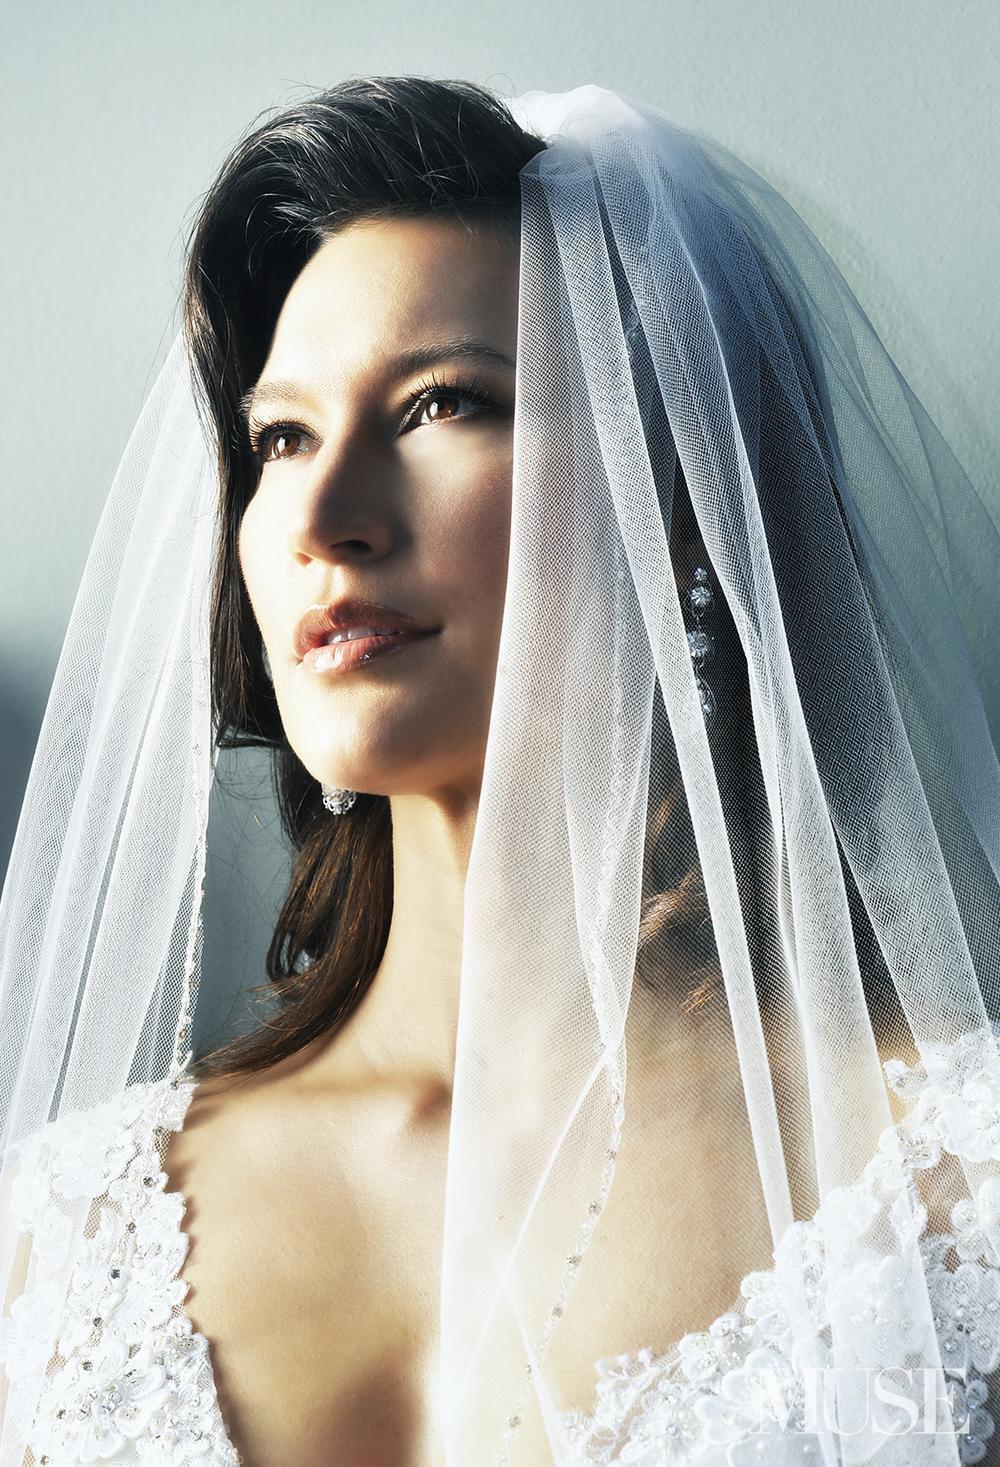 MUSE Bride Erick Rhodes Photography Bridal Portrait